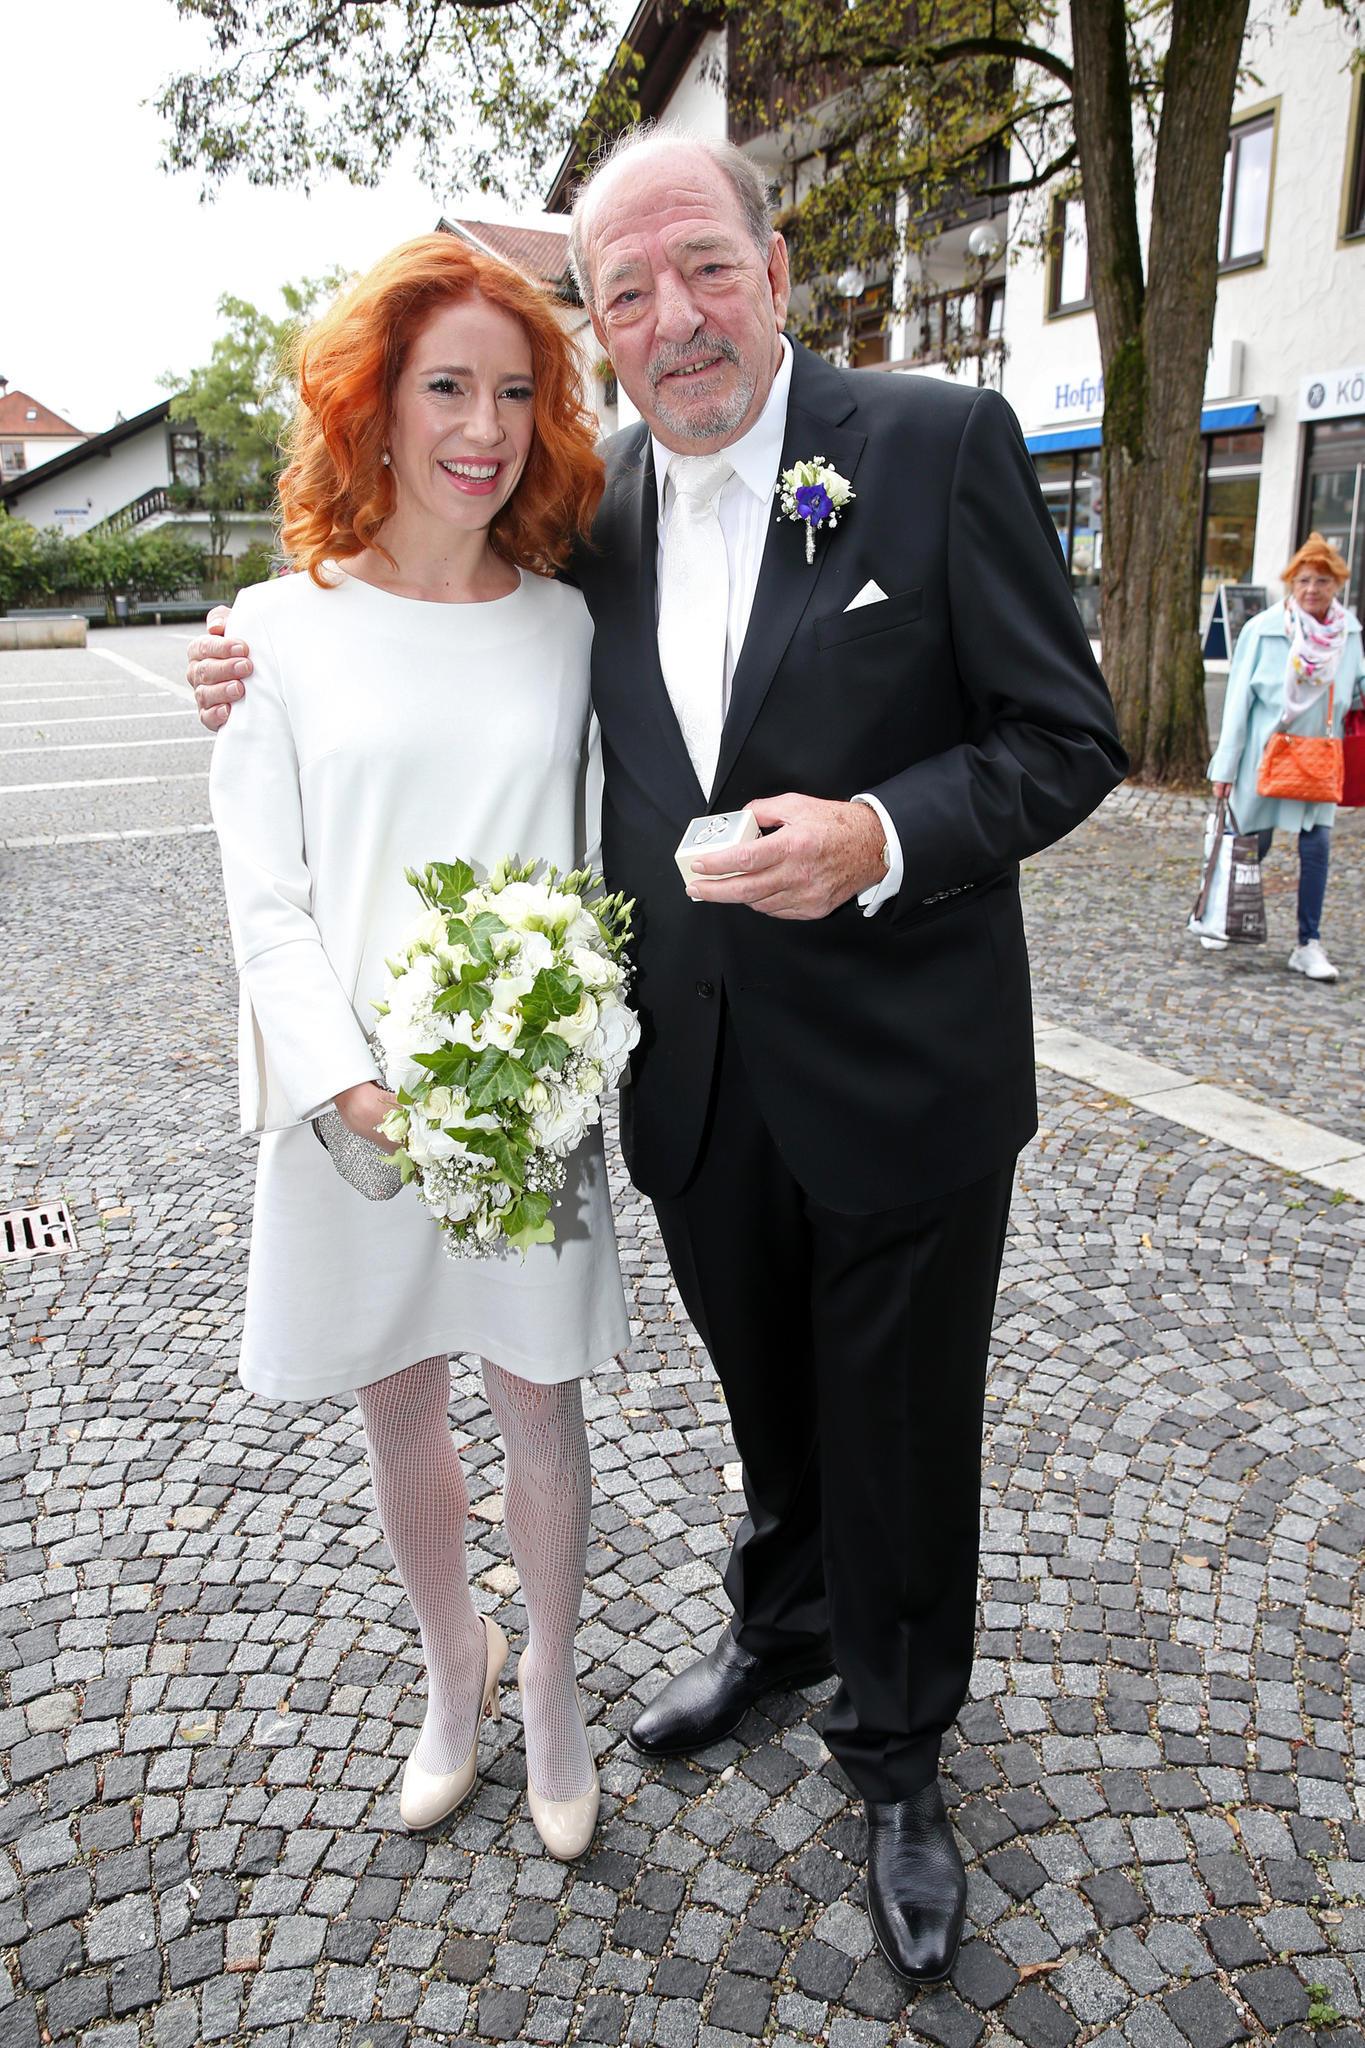 Laura Käfer erschien zu ihrer Hochzeit mit Ralph Siegel ganz in weiß. Ihre Haare trägt sie leicht gelockt, ihr Brautstrauß ist ein echter Hingucker.